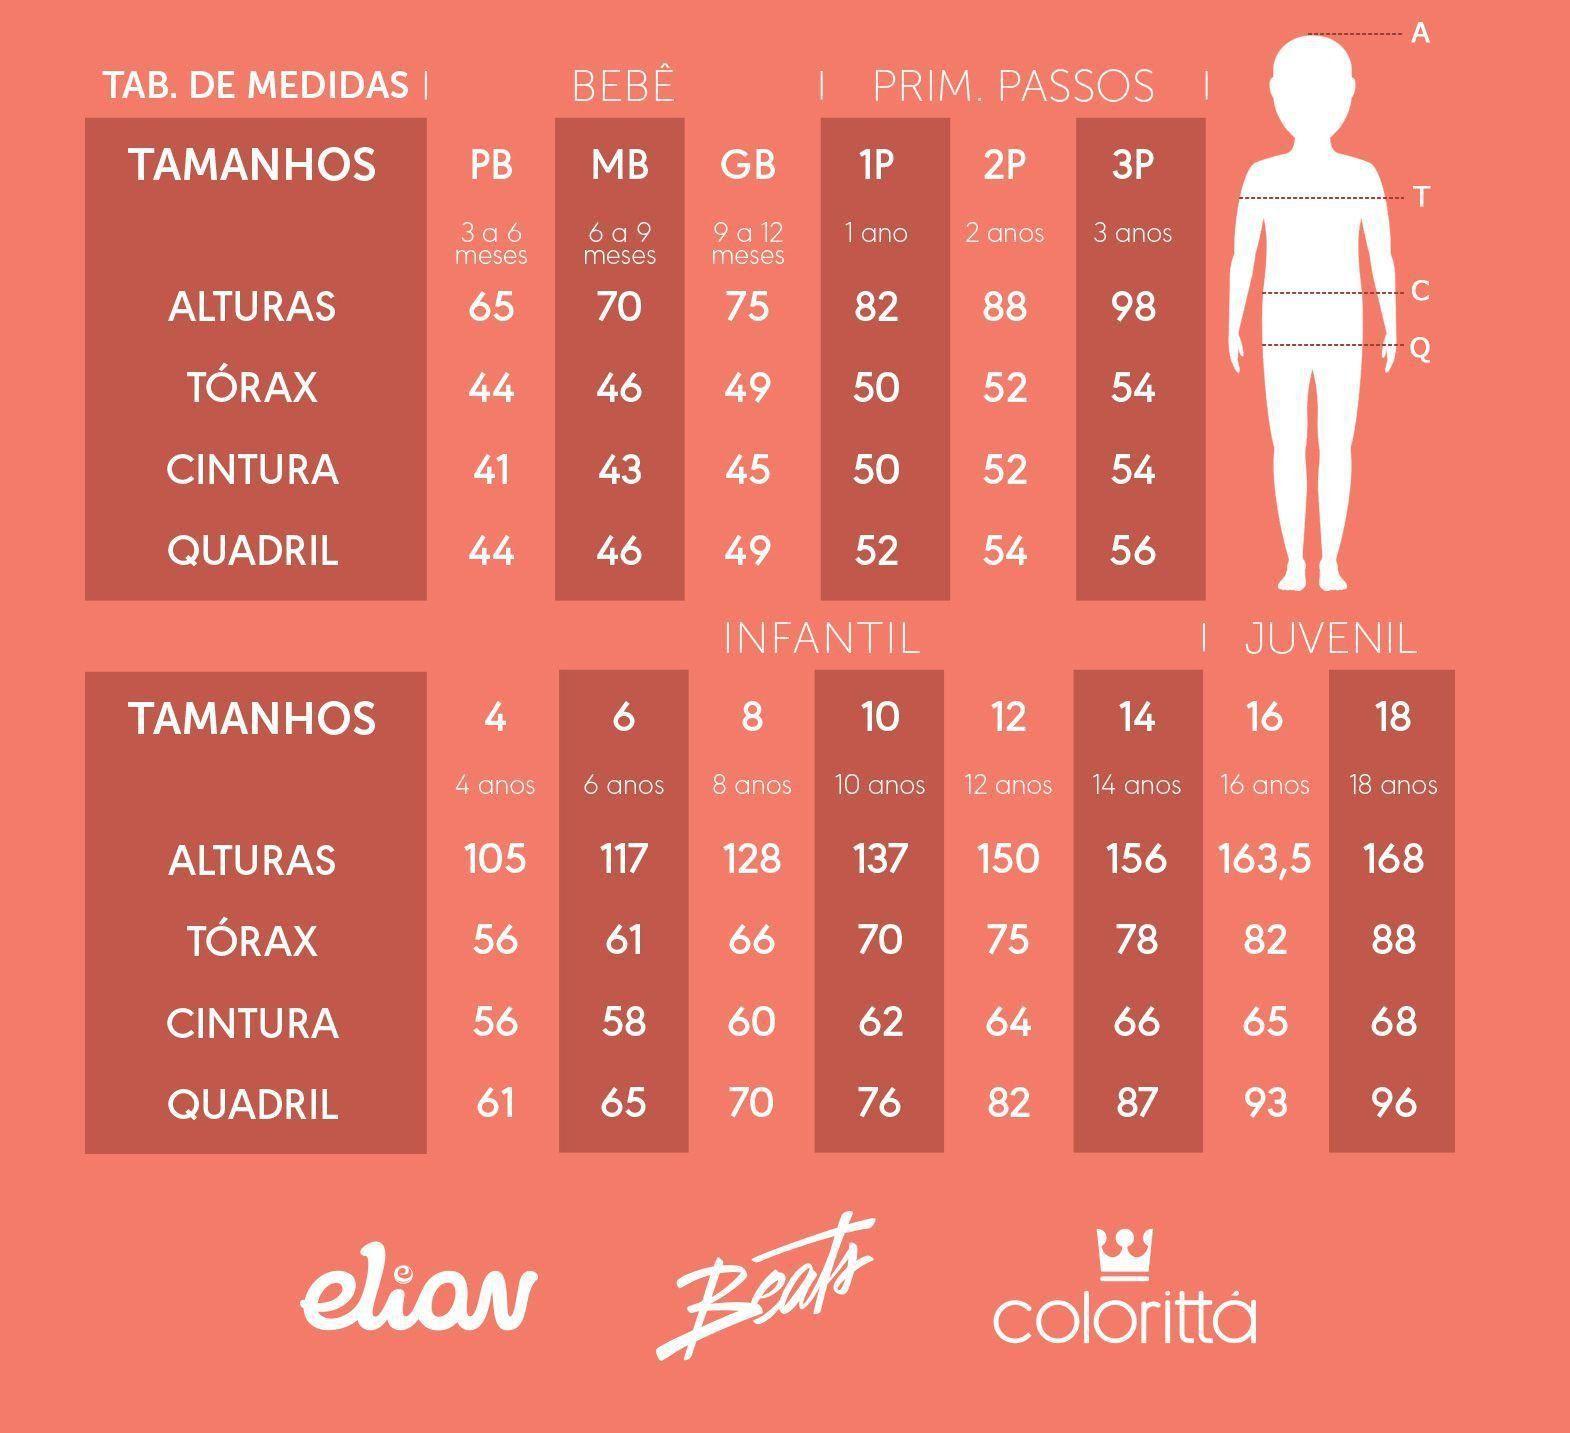 Legging Infantil Feminina Preto Shine - Elian: Tabela de medidas